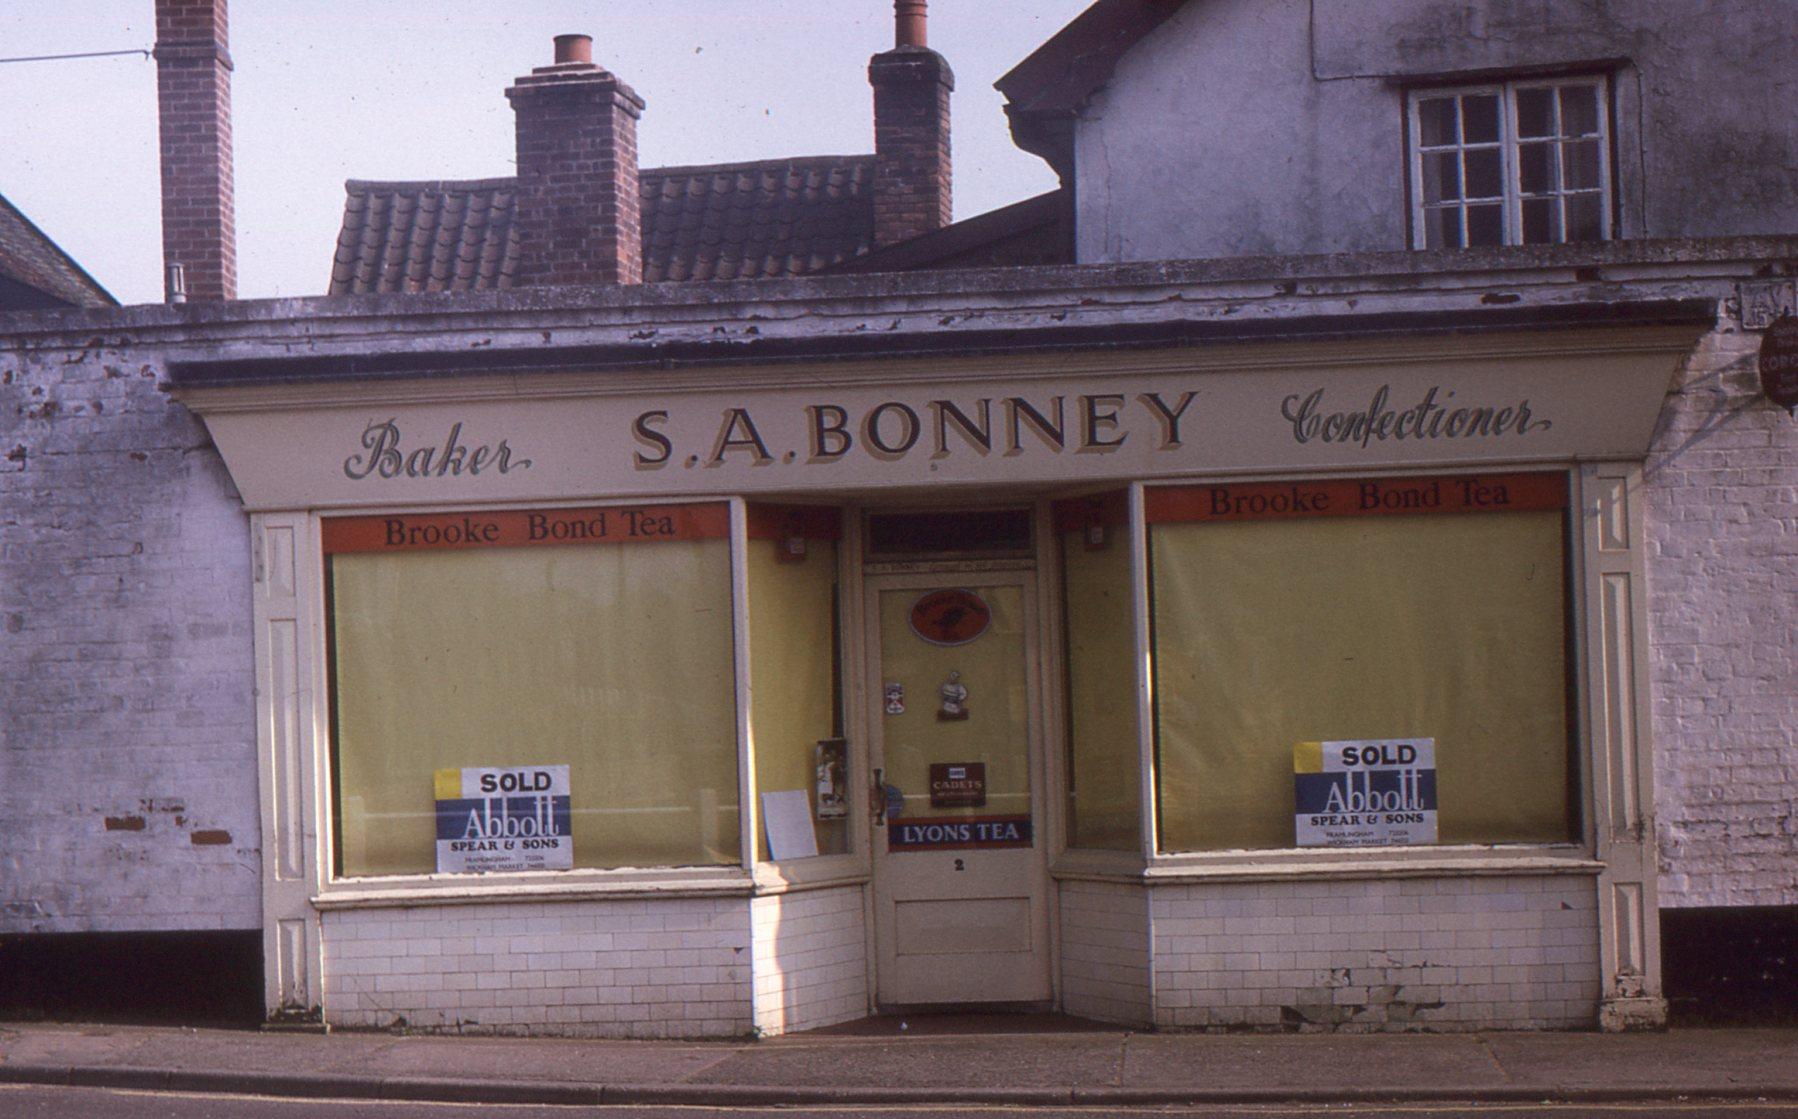 Bonney's shop,1975